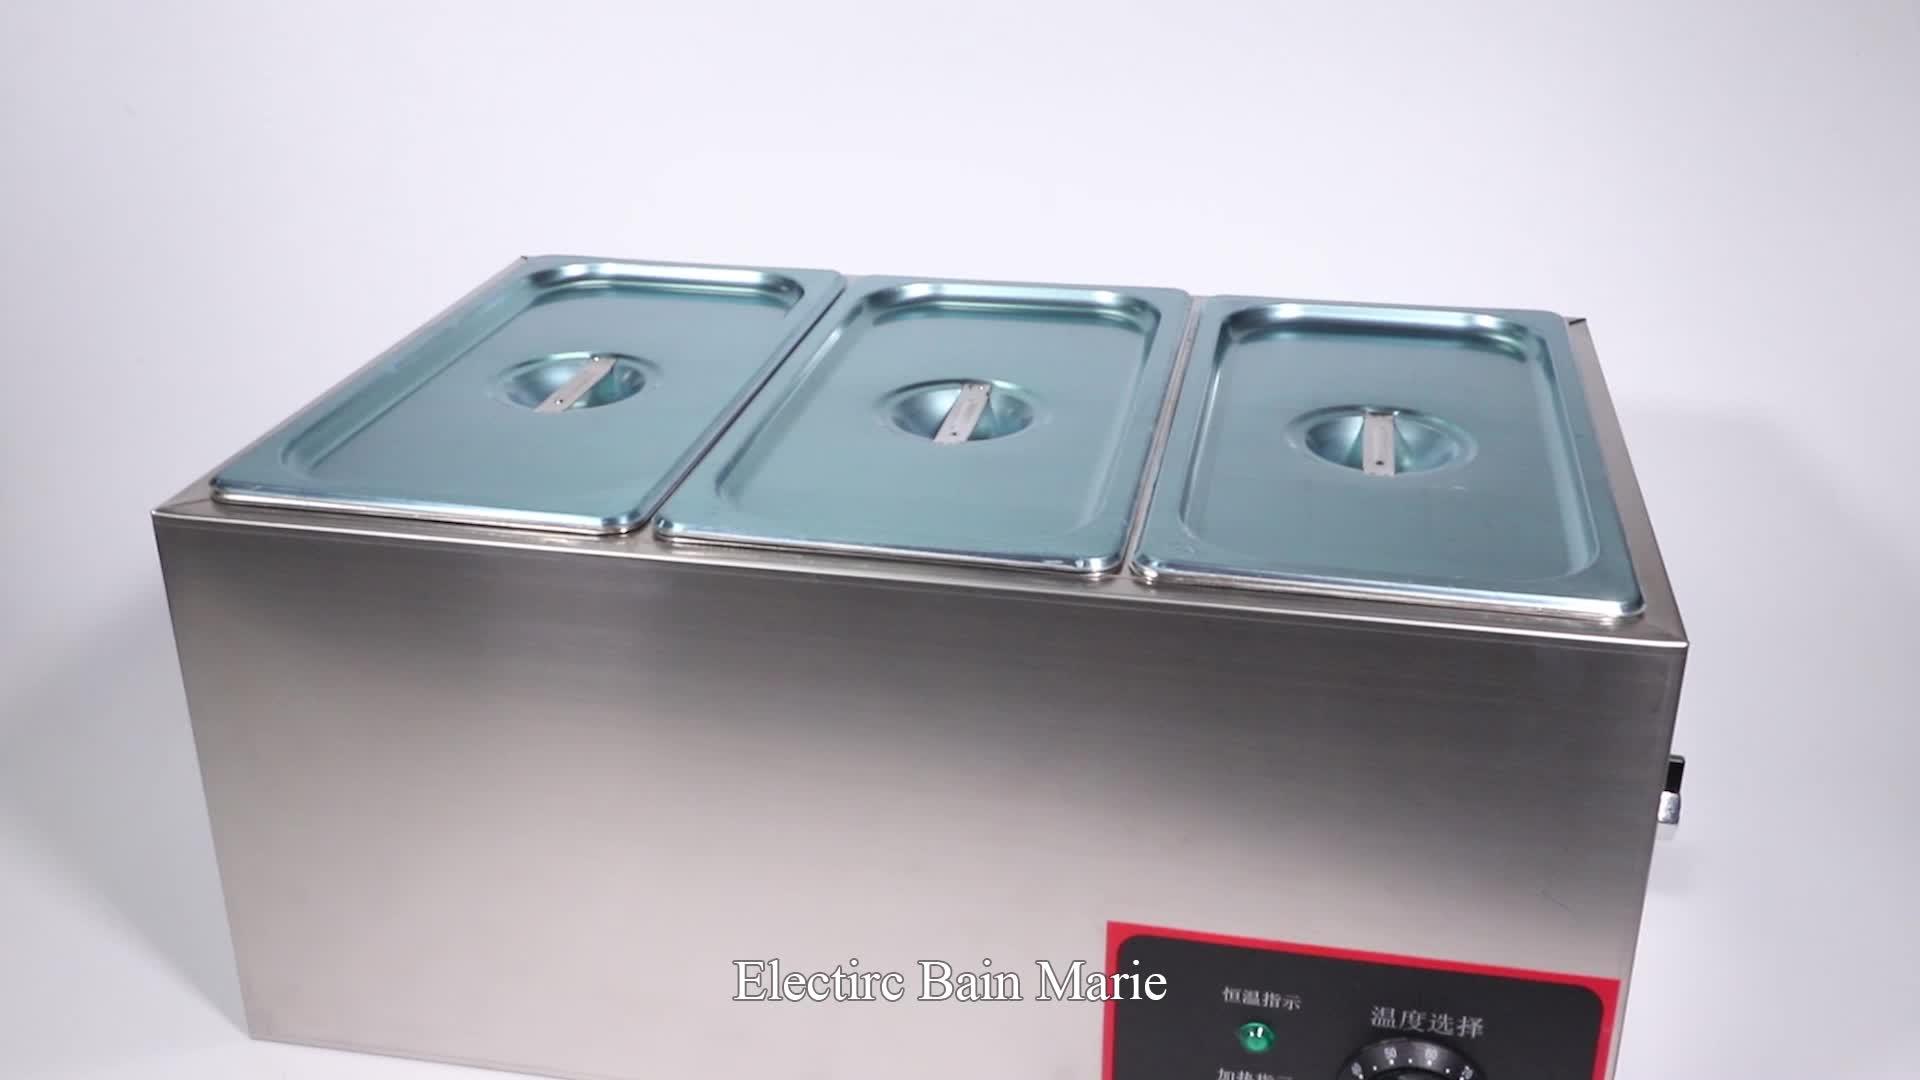 4 פאן מסחרי נירוסטה מזון חם מיכל/מטבח מזון מהיר ציוד/מזון חם למכירה